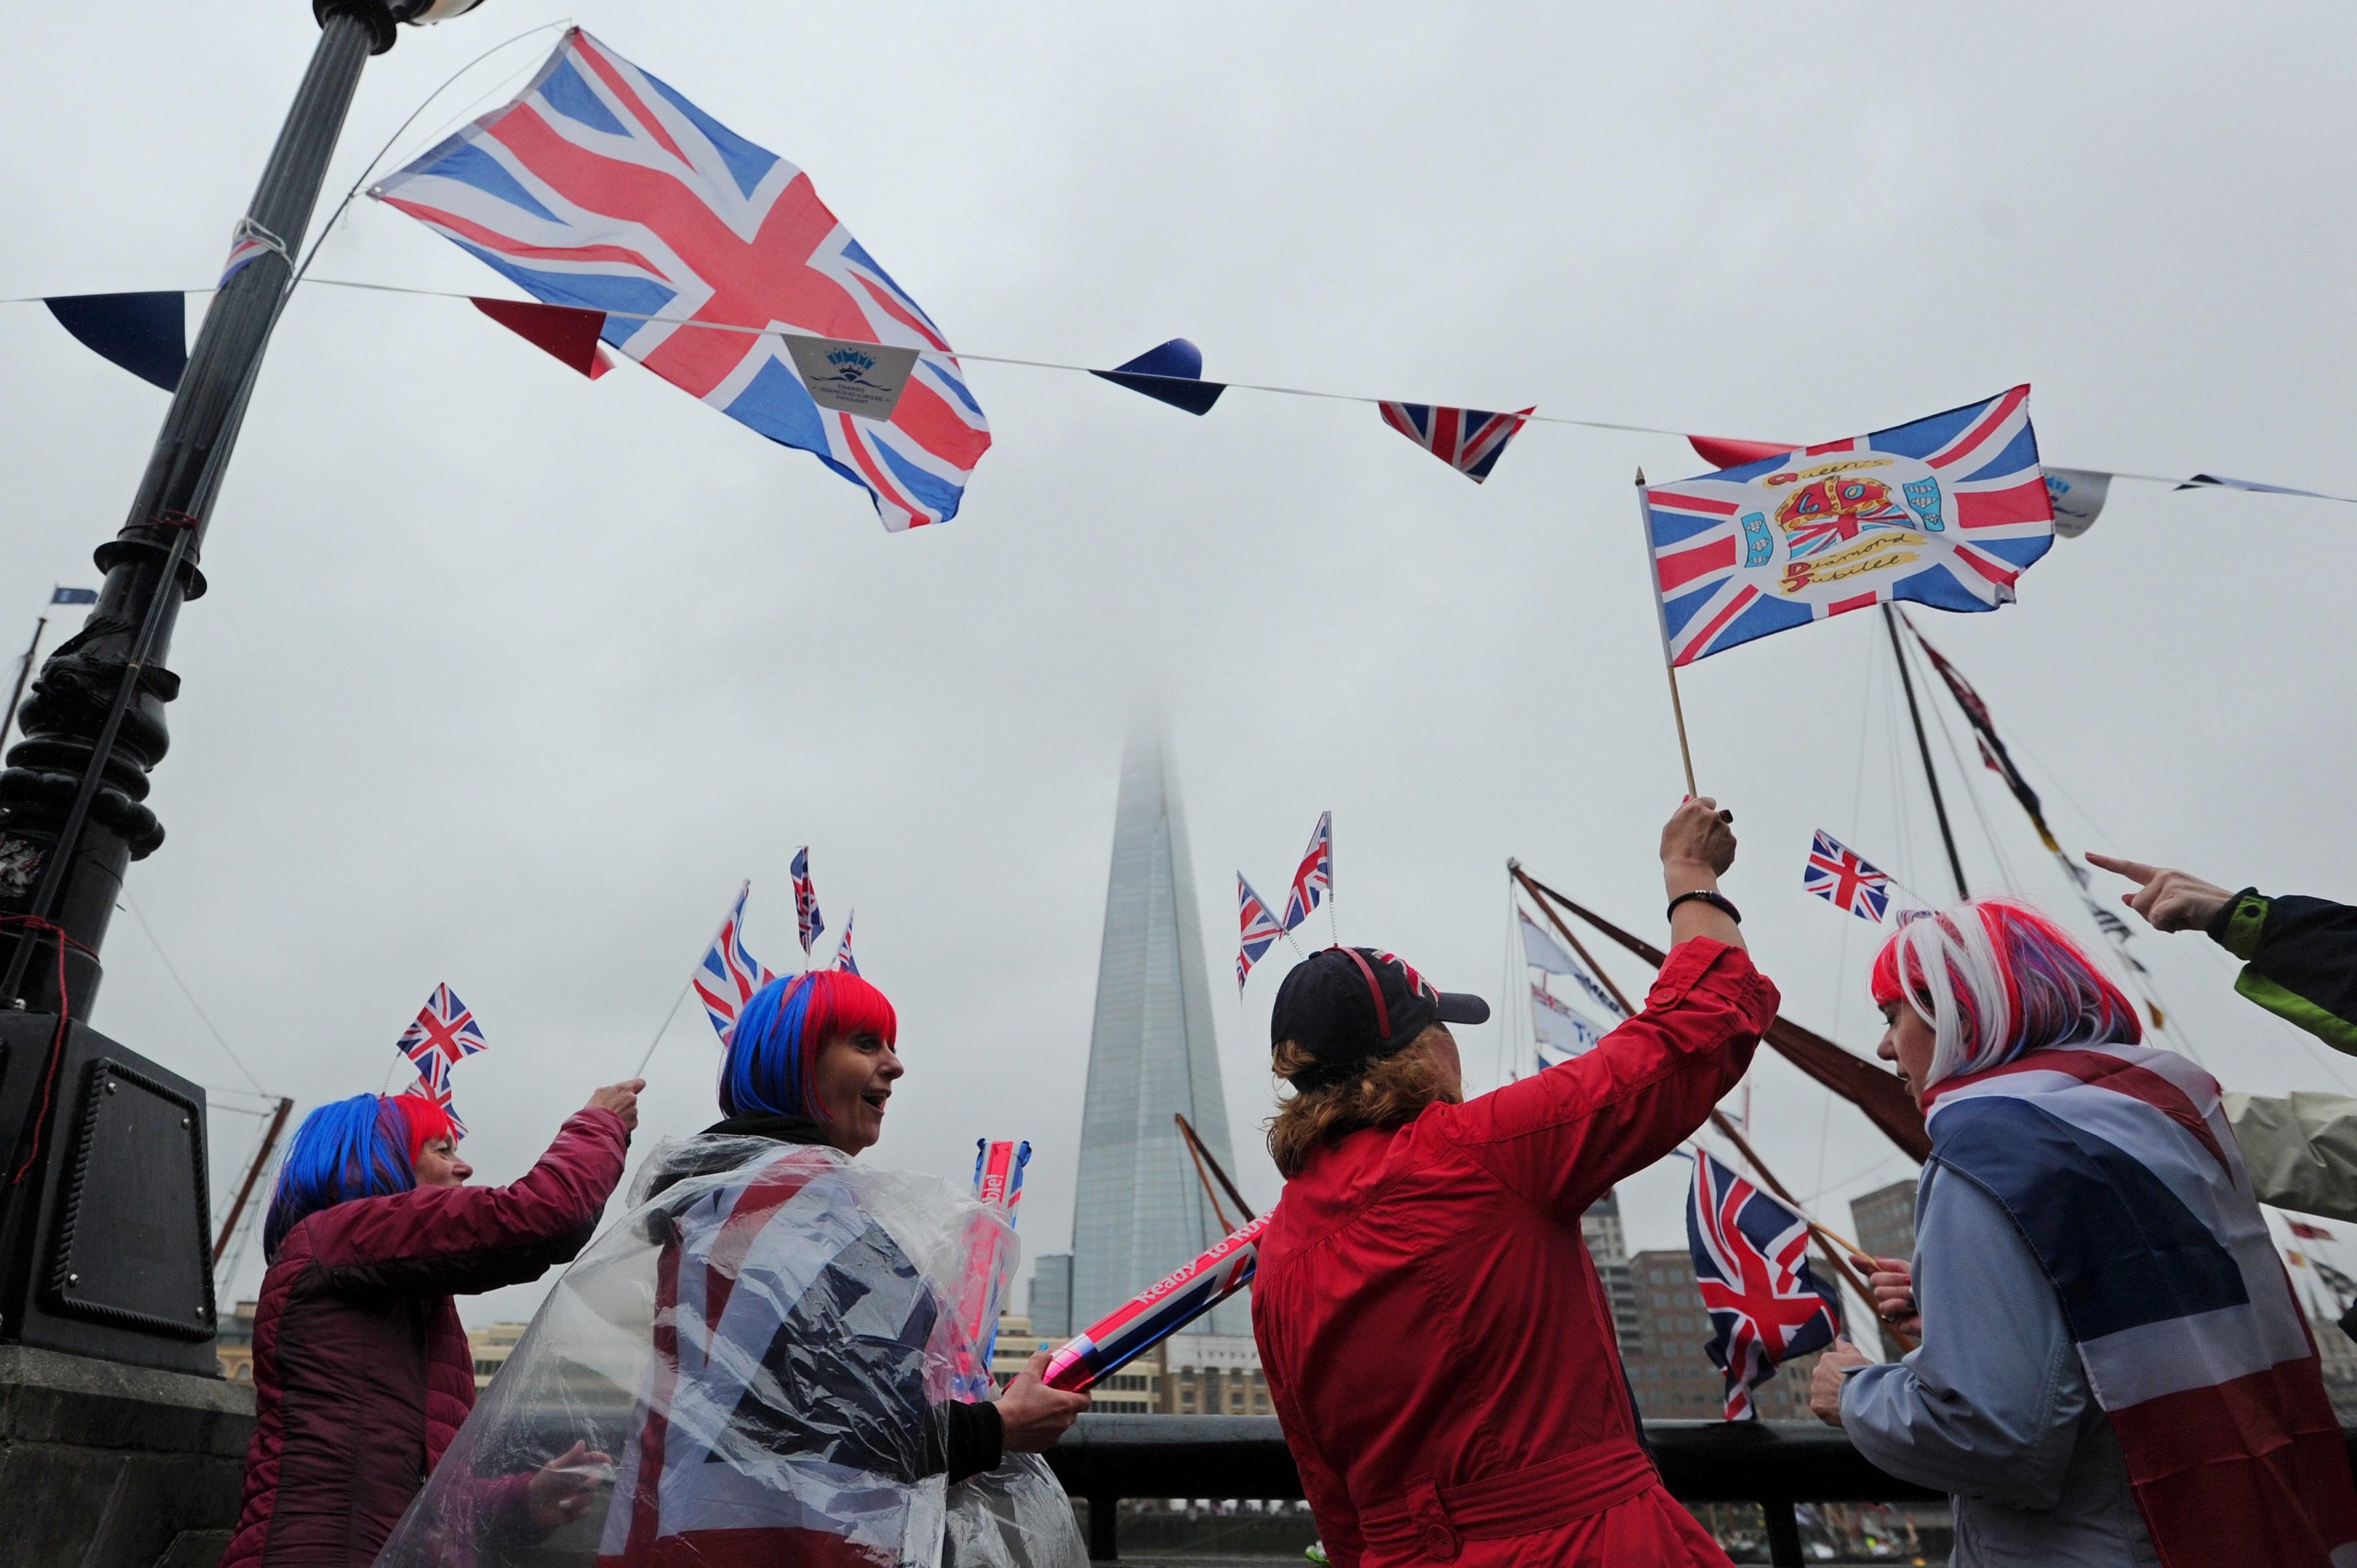 Jubileul de Diamant al Reginei: 10000 de oameni prezenti la picnicul de la Palatul Buckingham